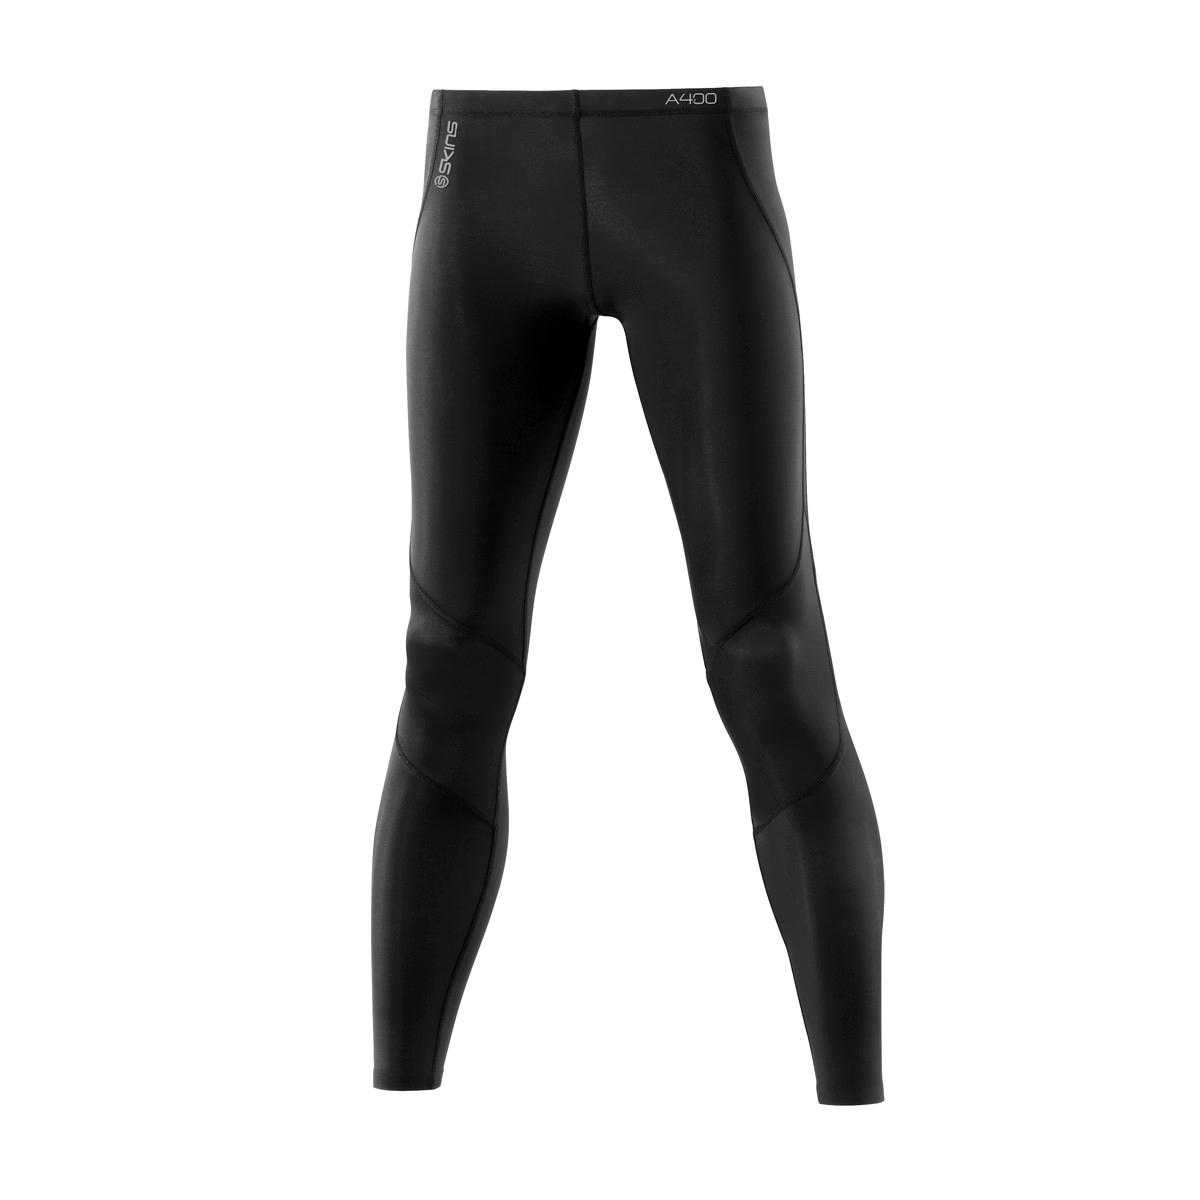 Dámské dlouhé kompresní kalhoty Skins A400 LH